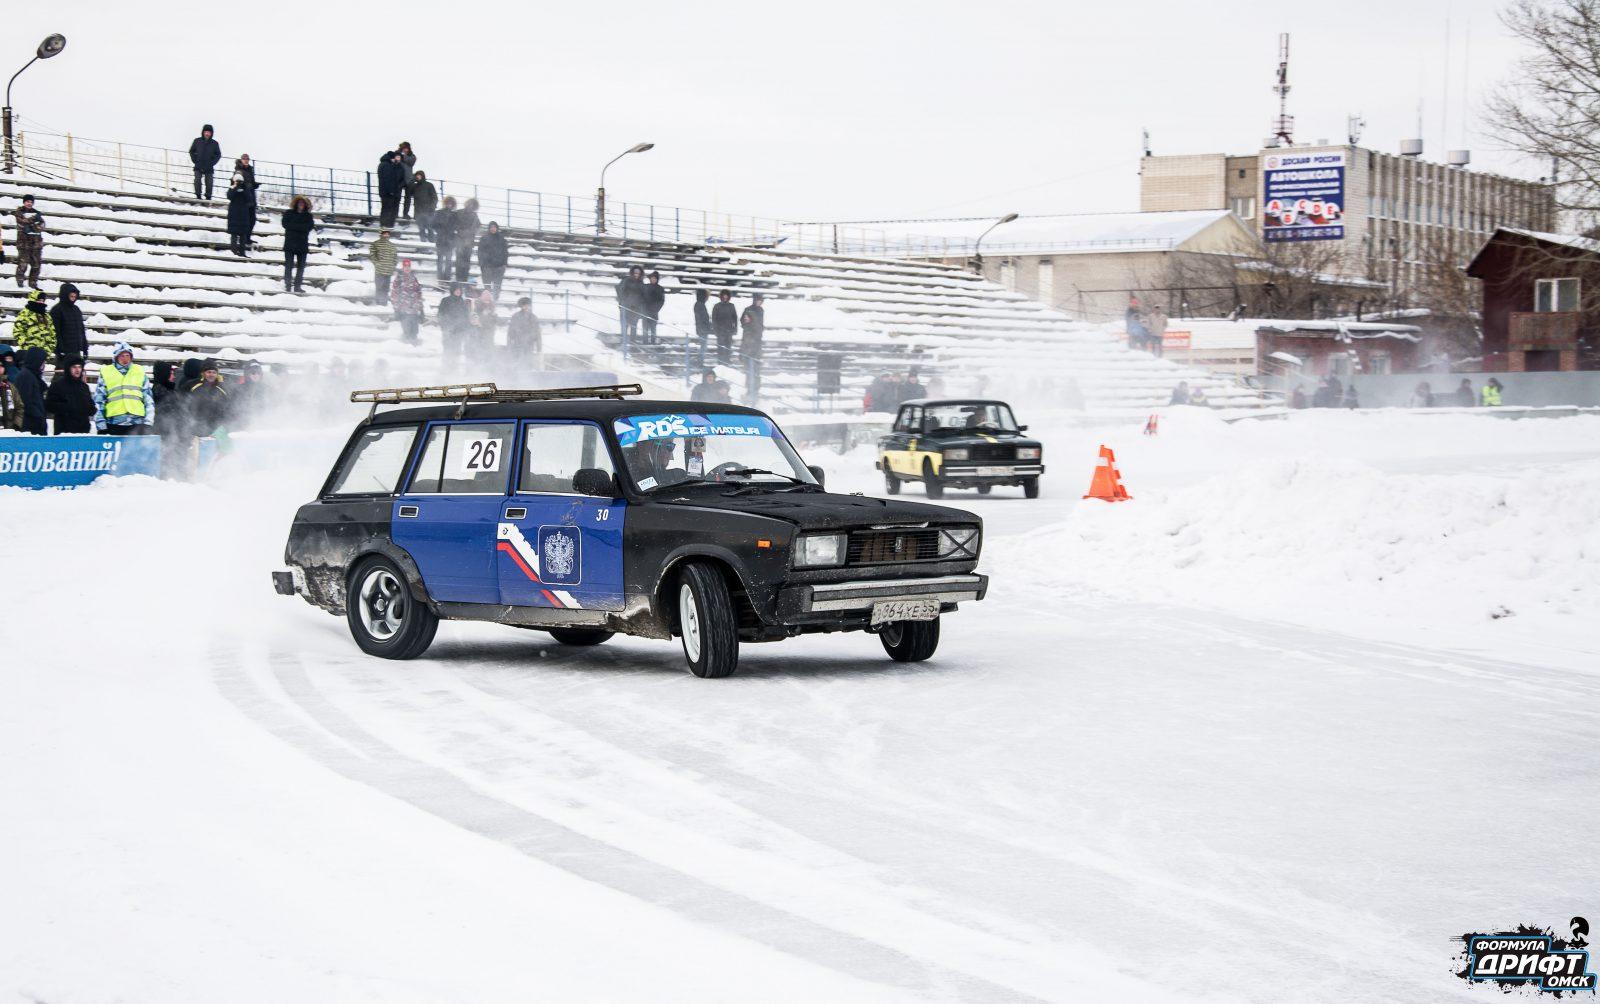 Итоговый результат второго этапа «Формула Дрифт Омск.Зима 2018-2019»